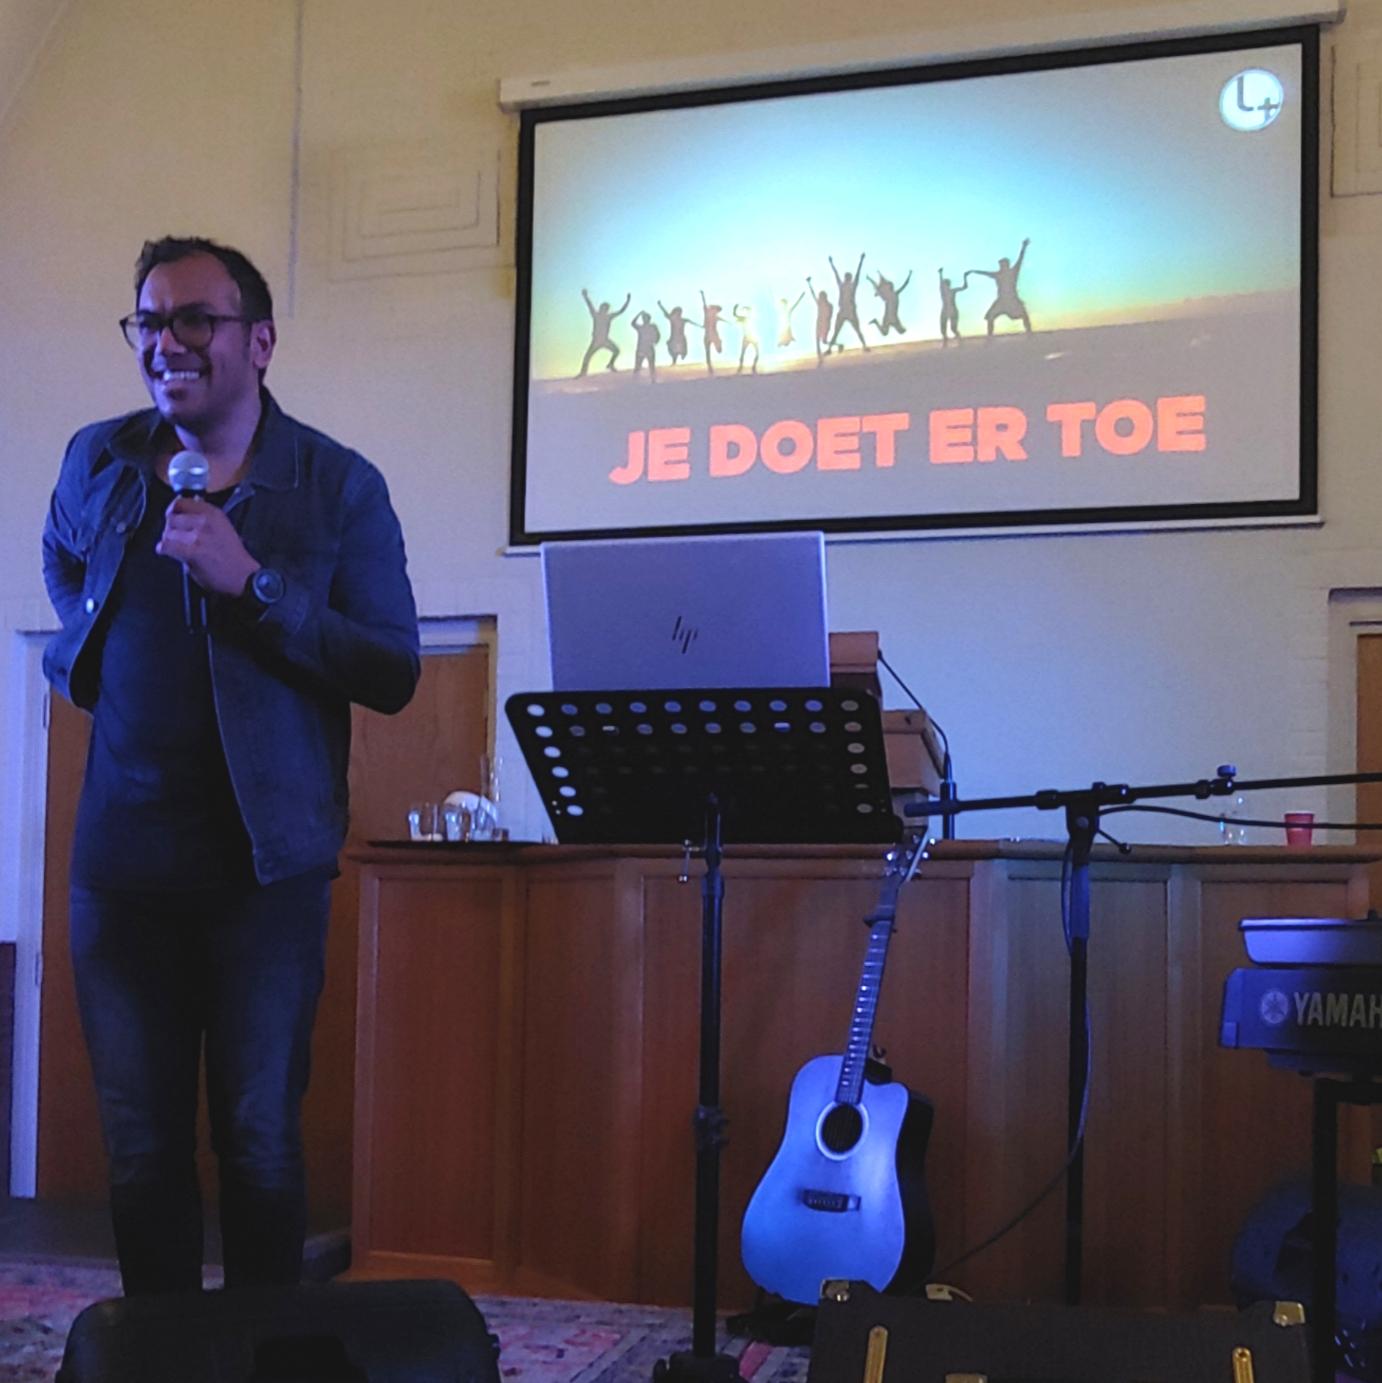 Pastor Mishaël Pietersz